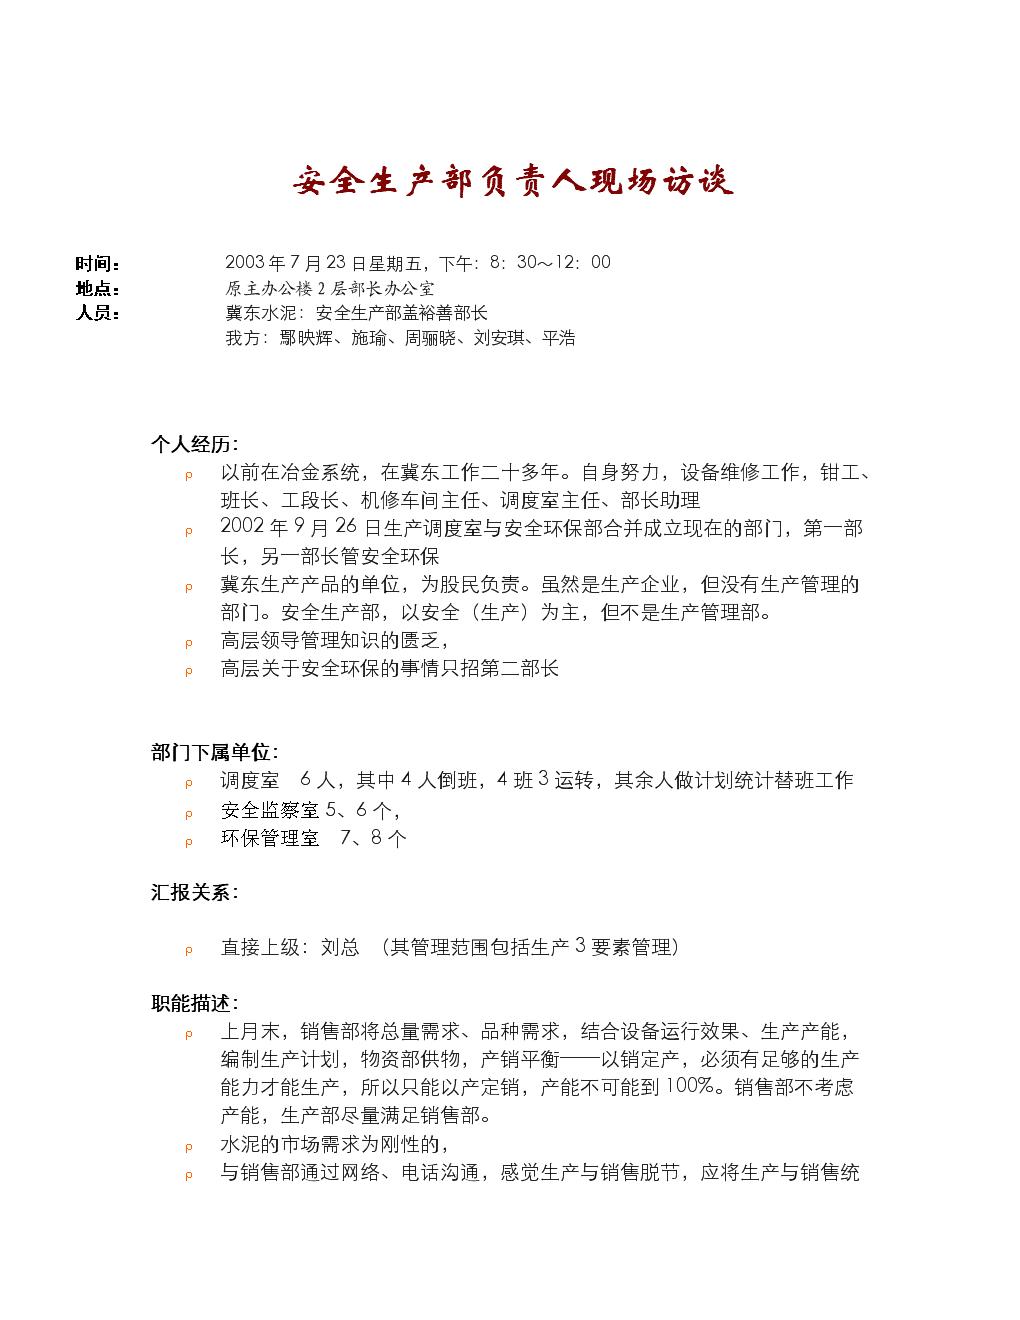 安全生产部长访谈纪要(2003.7.25).doc